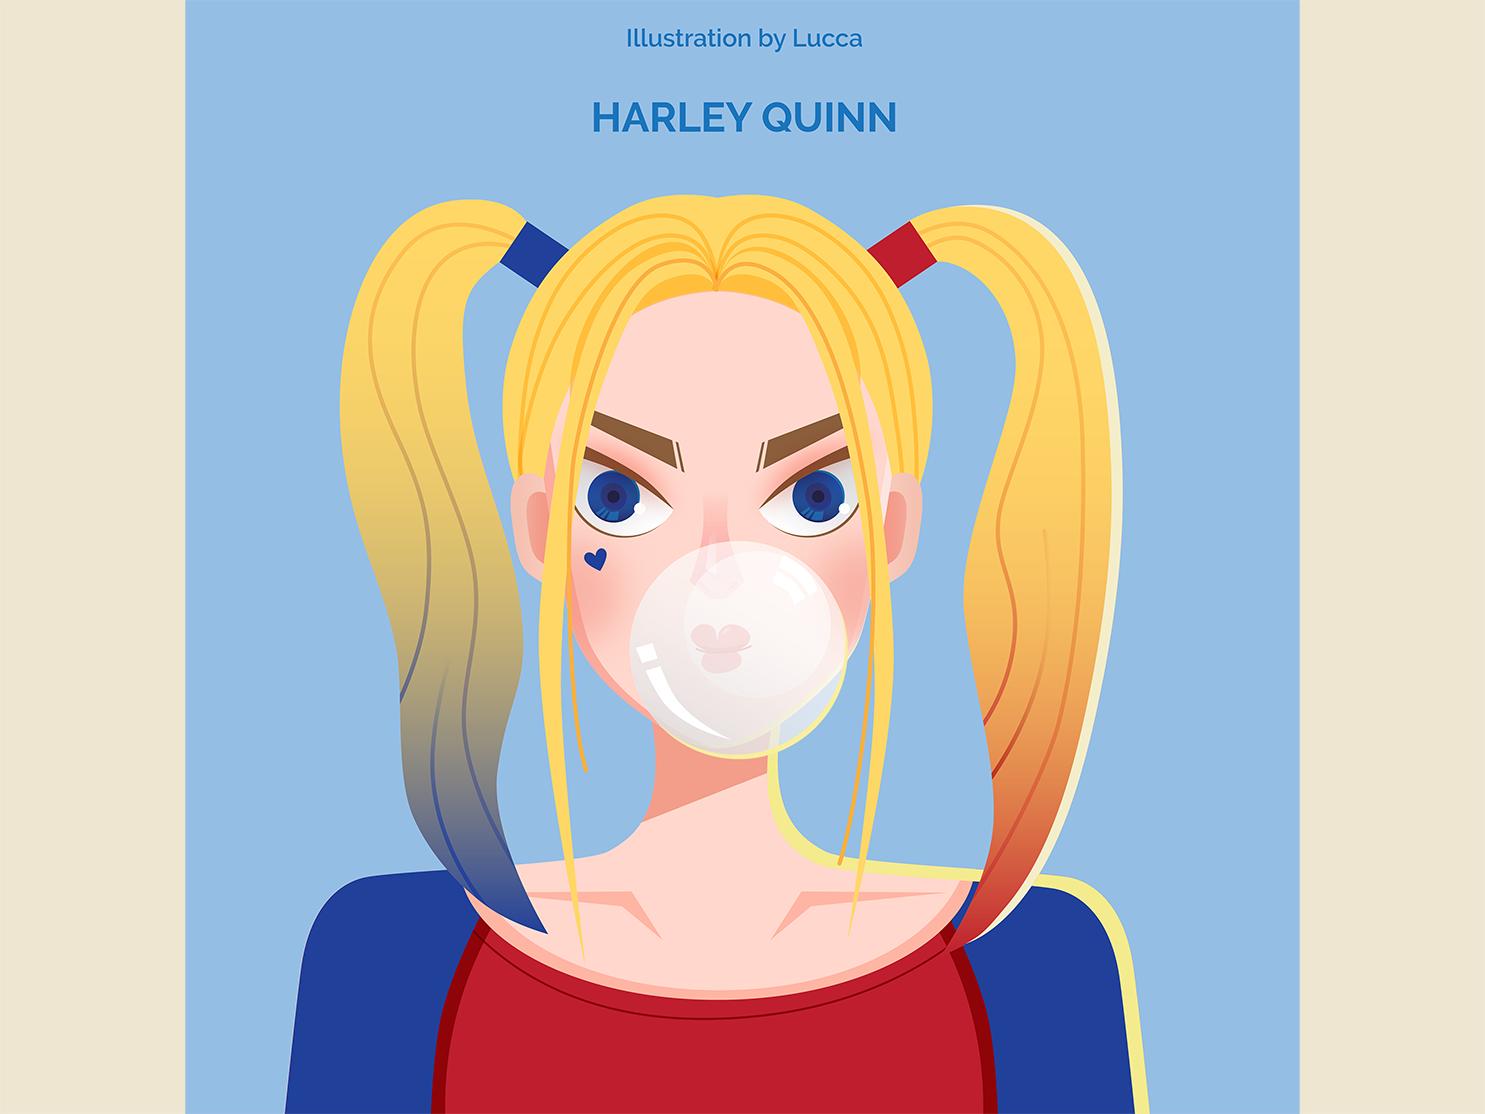 Harley Quinn movie design vector illustration